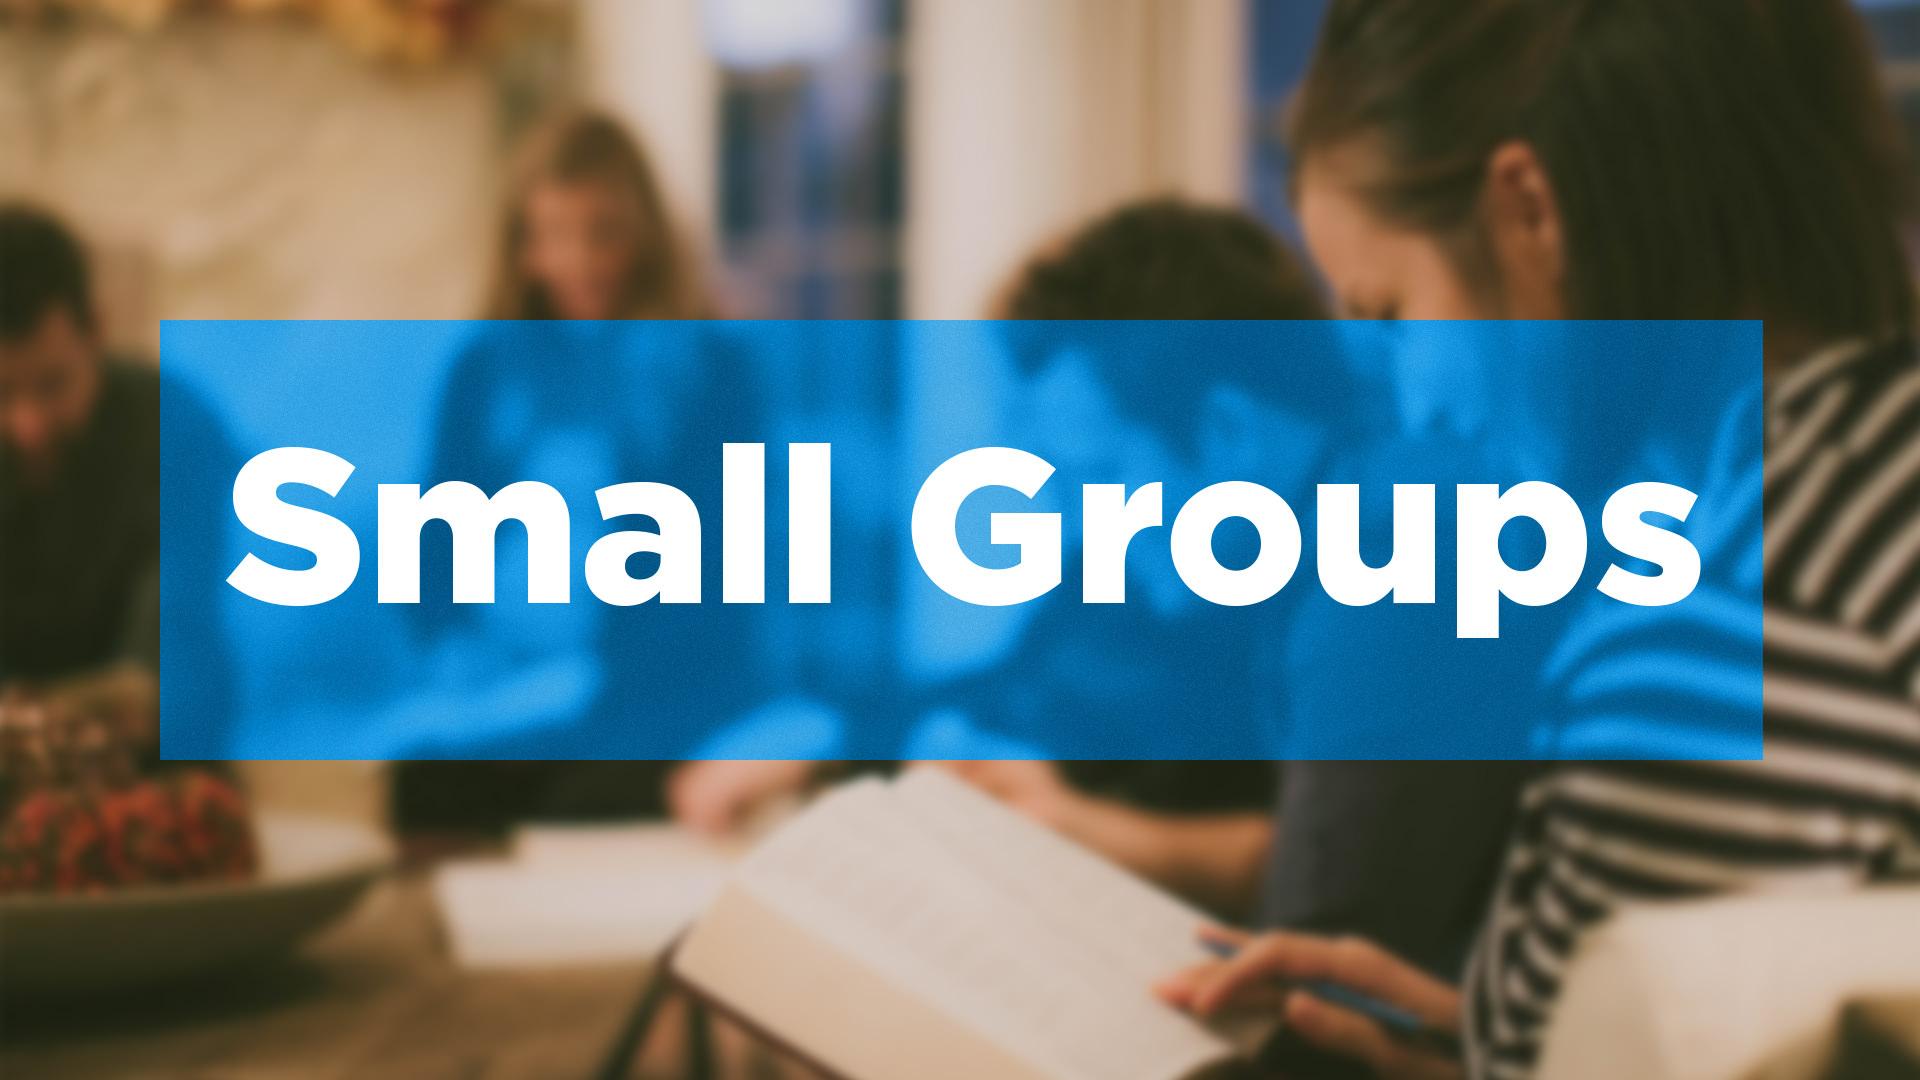 Small Groups Promo Slide 2015.jpg